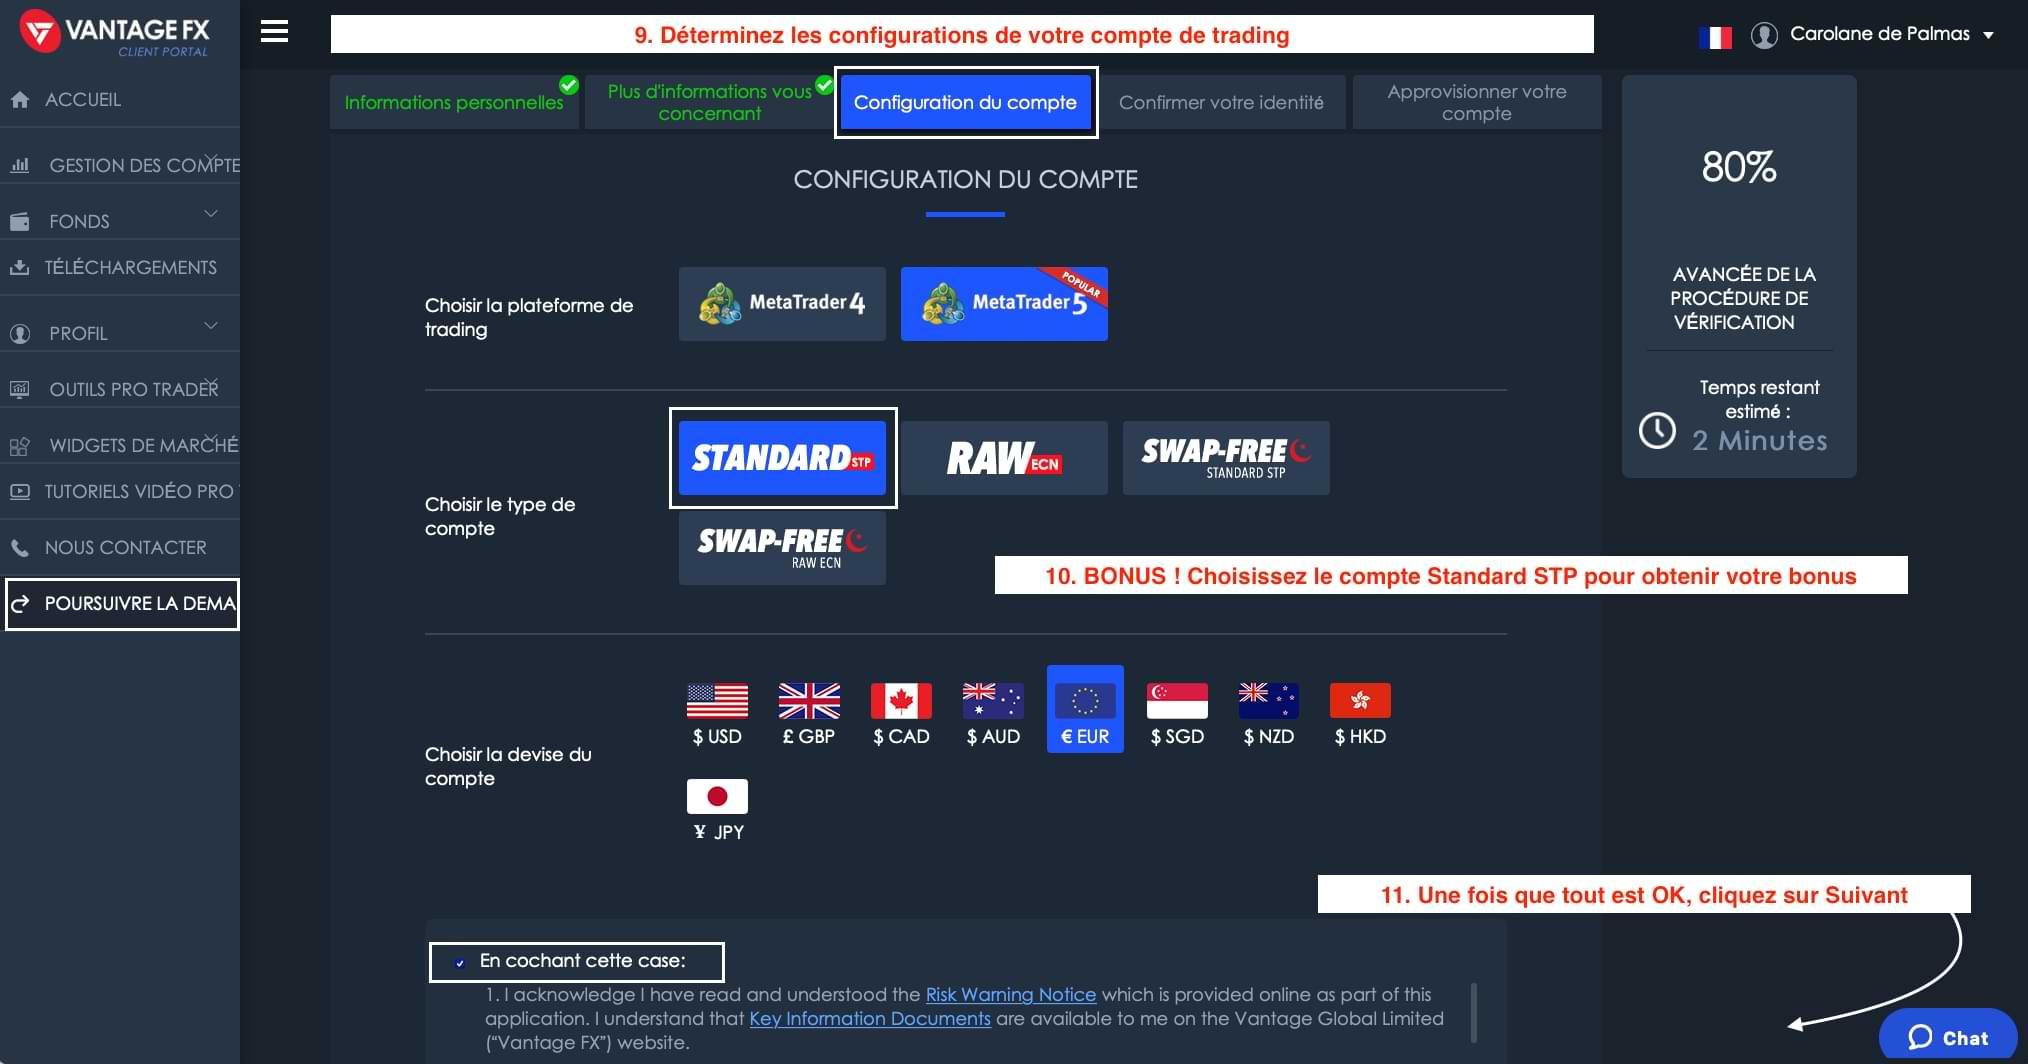 Ouverture de Compte Vantage FX_Choix du Type de Compte Halal